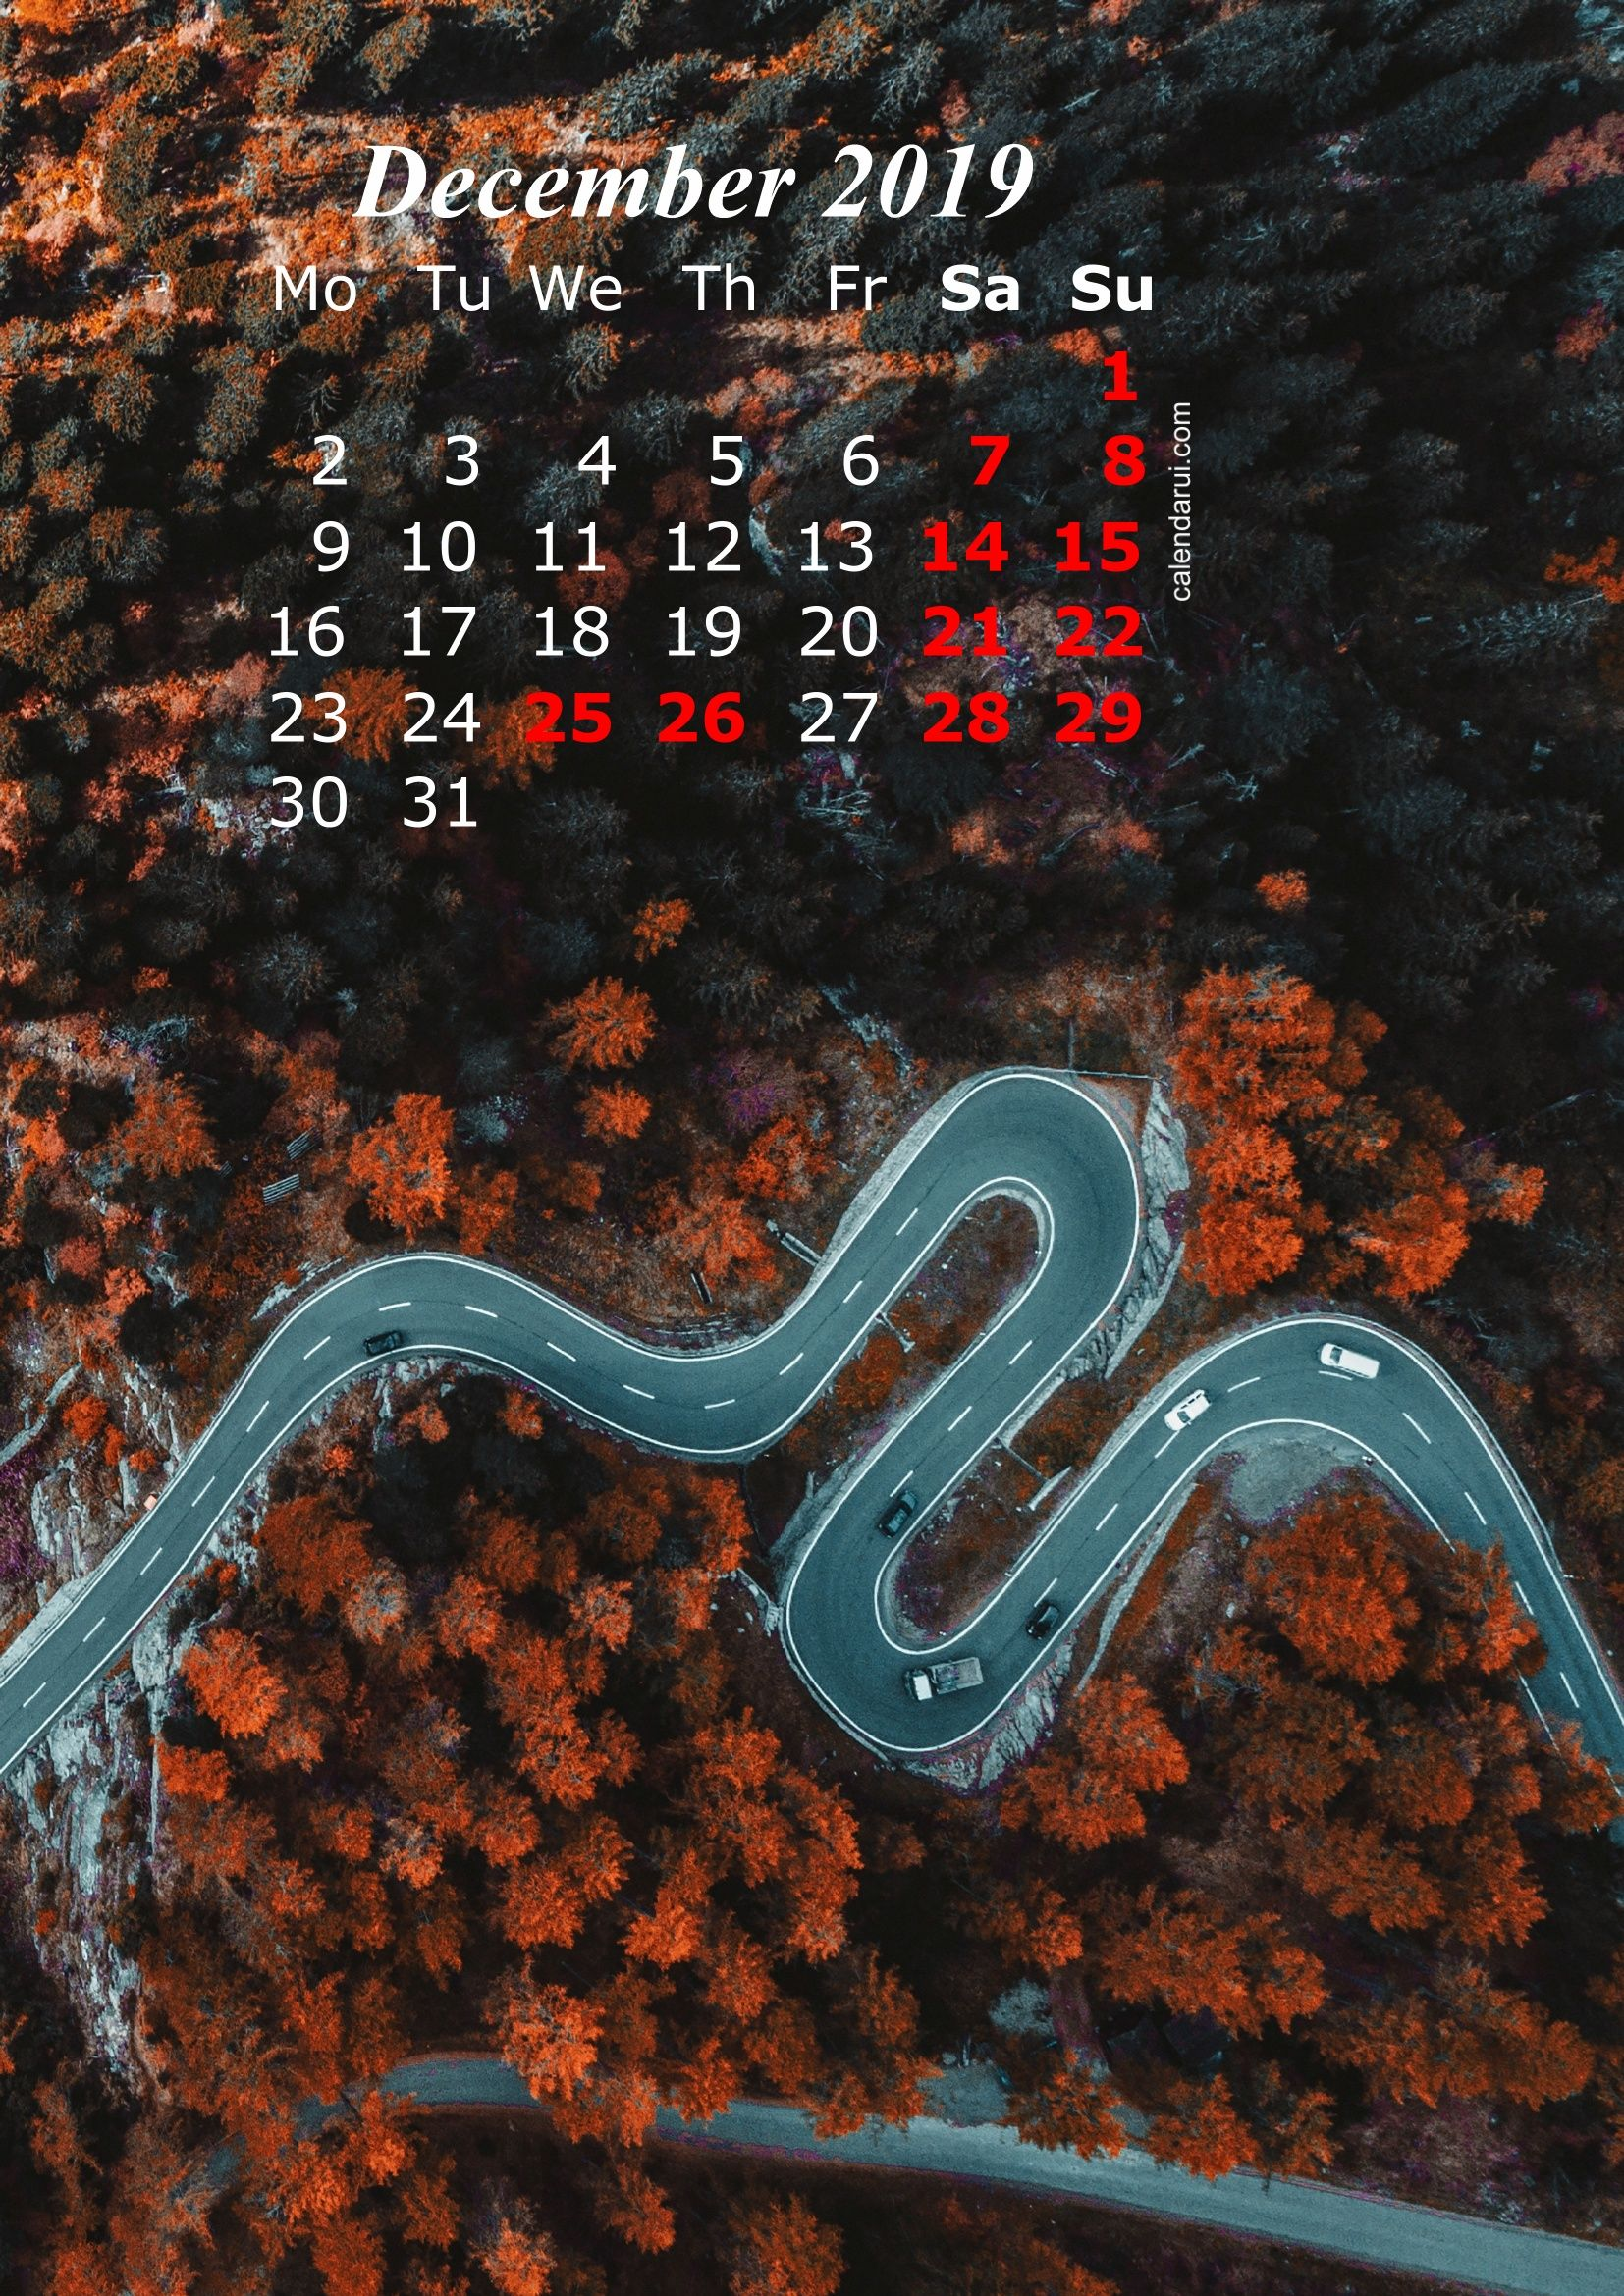 2019 Calendar Iphone Wallpaper HD Calendar wallpaper